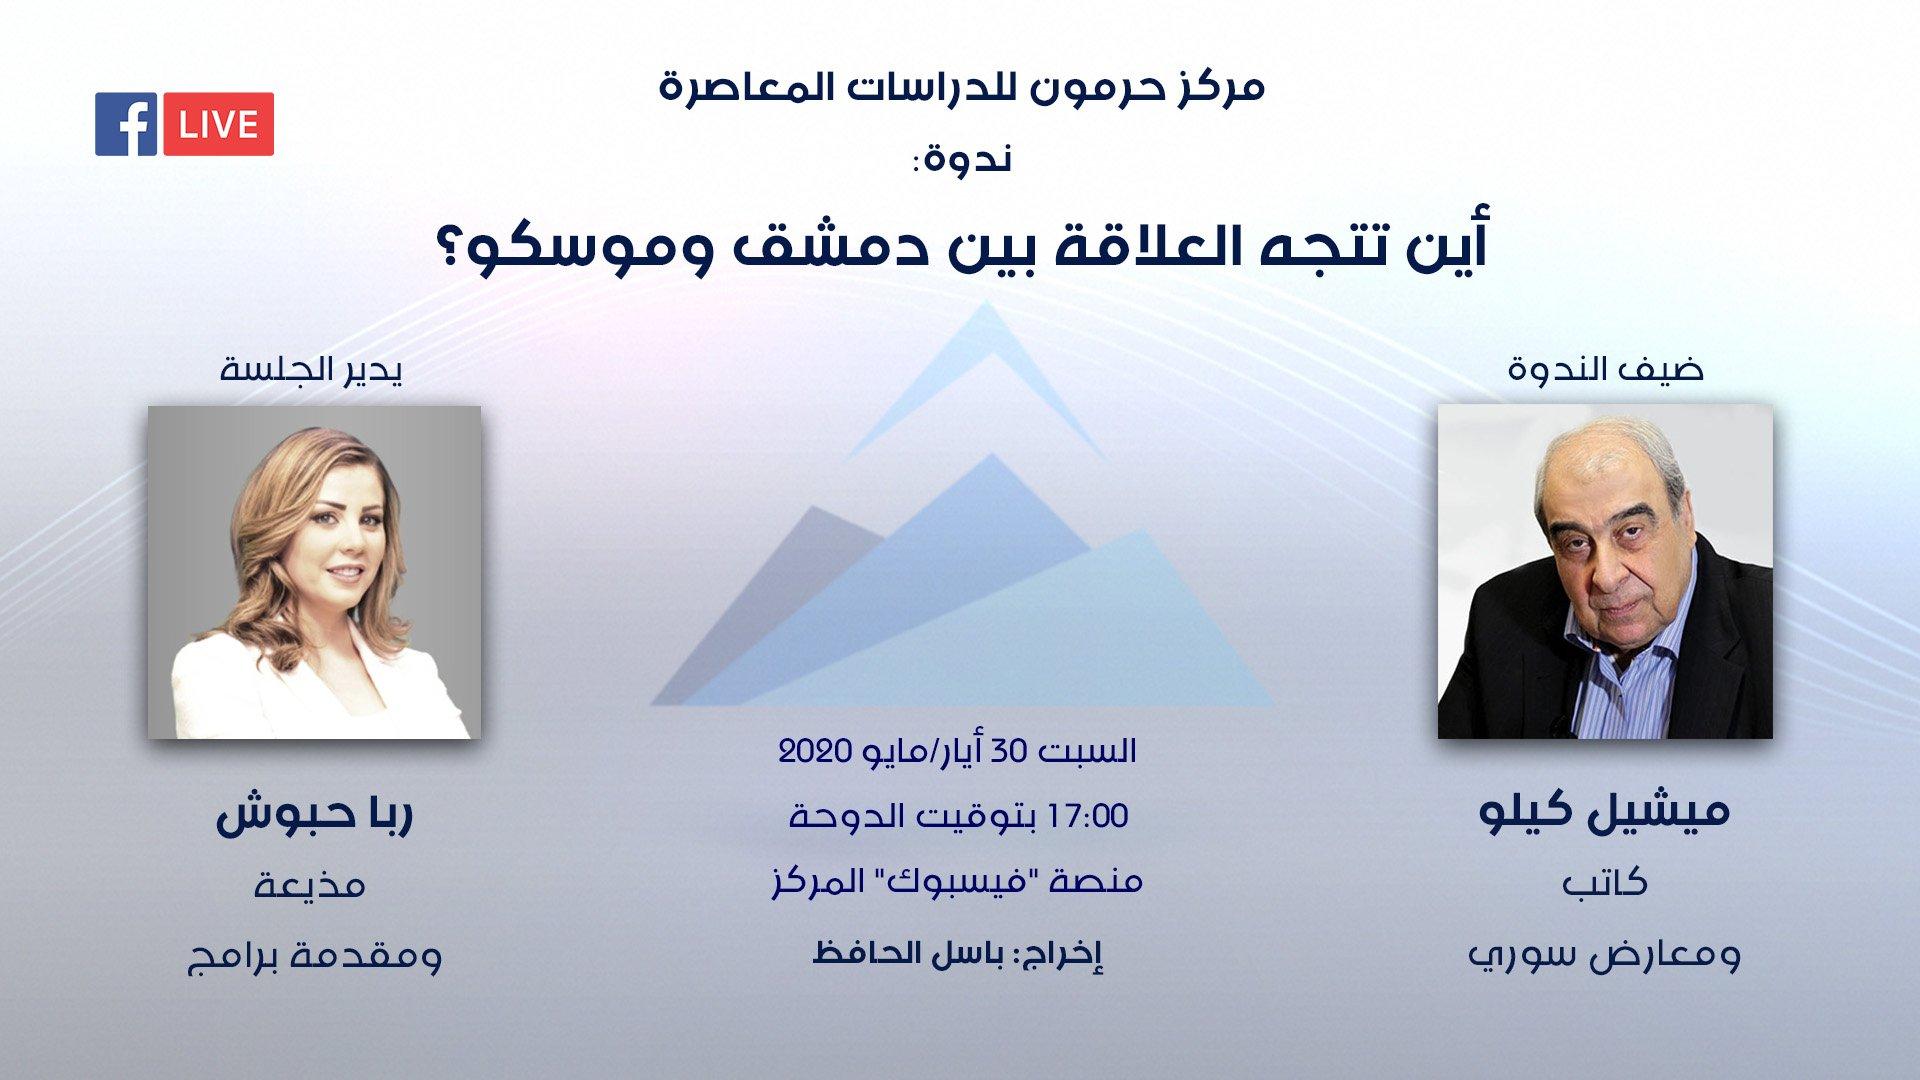 """""""أين تتجه العلاقة بين دمشق وموسكو؟"""" في ندوة لحرمون عبر البث المباشر"""